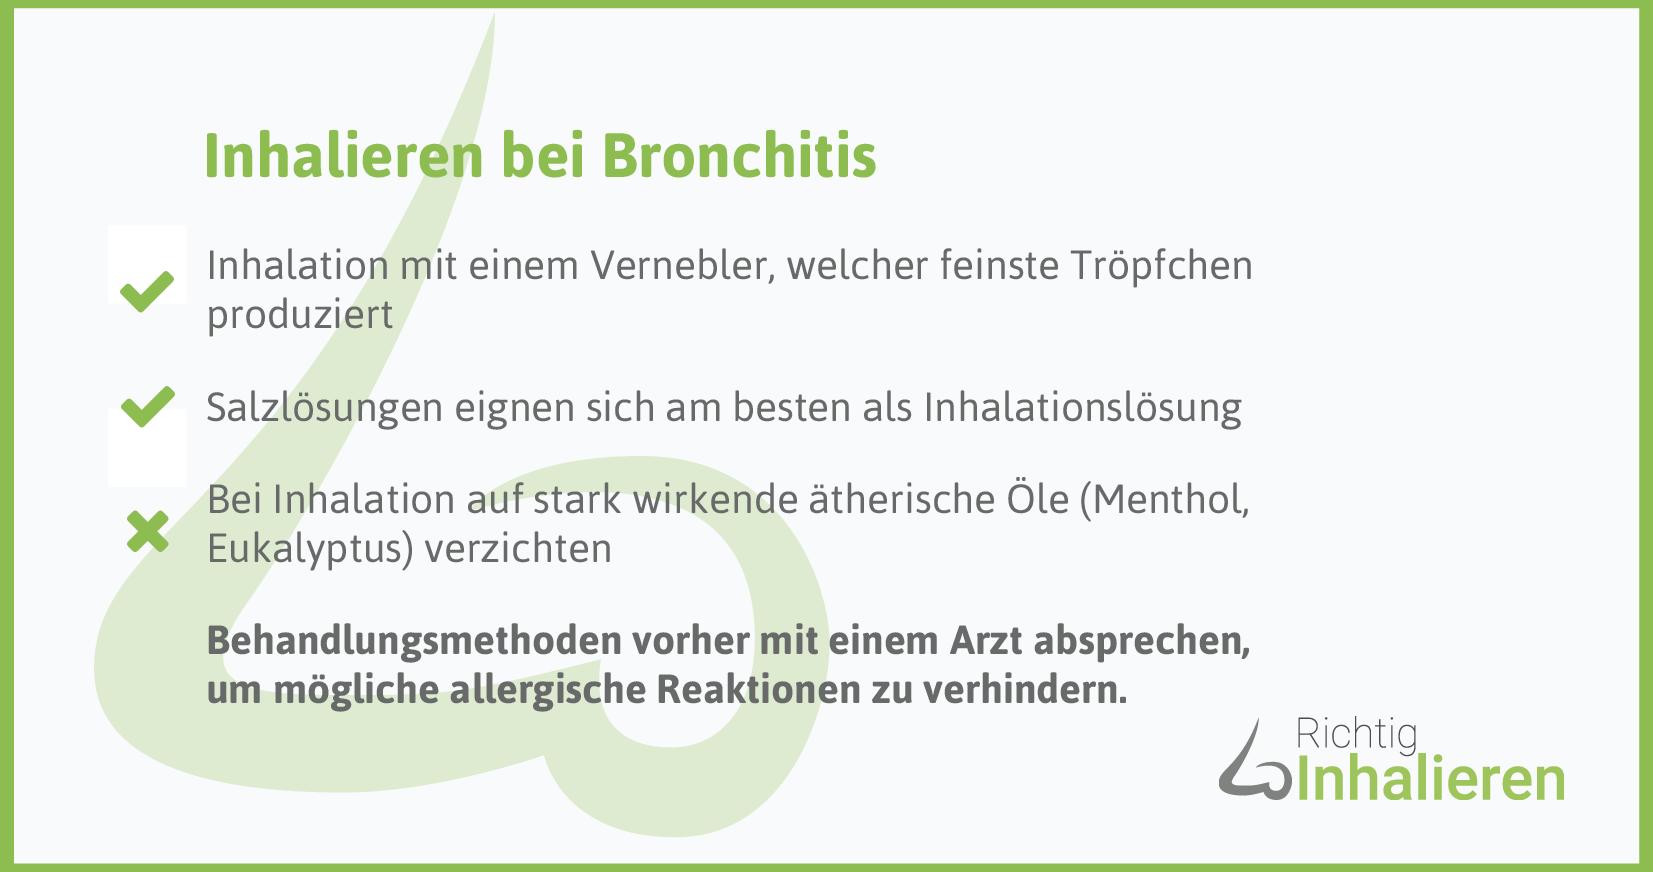 Richtig inhalieren bei Bronchitis